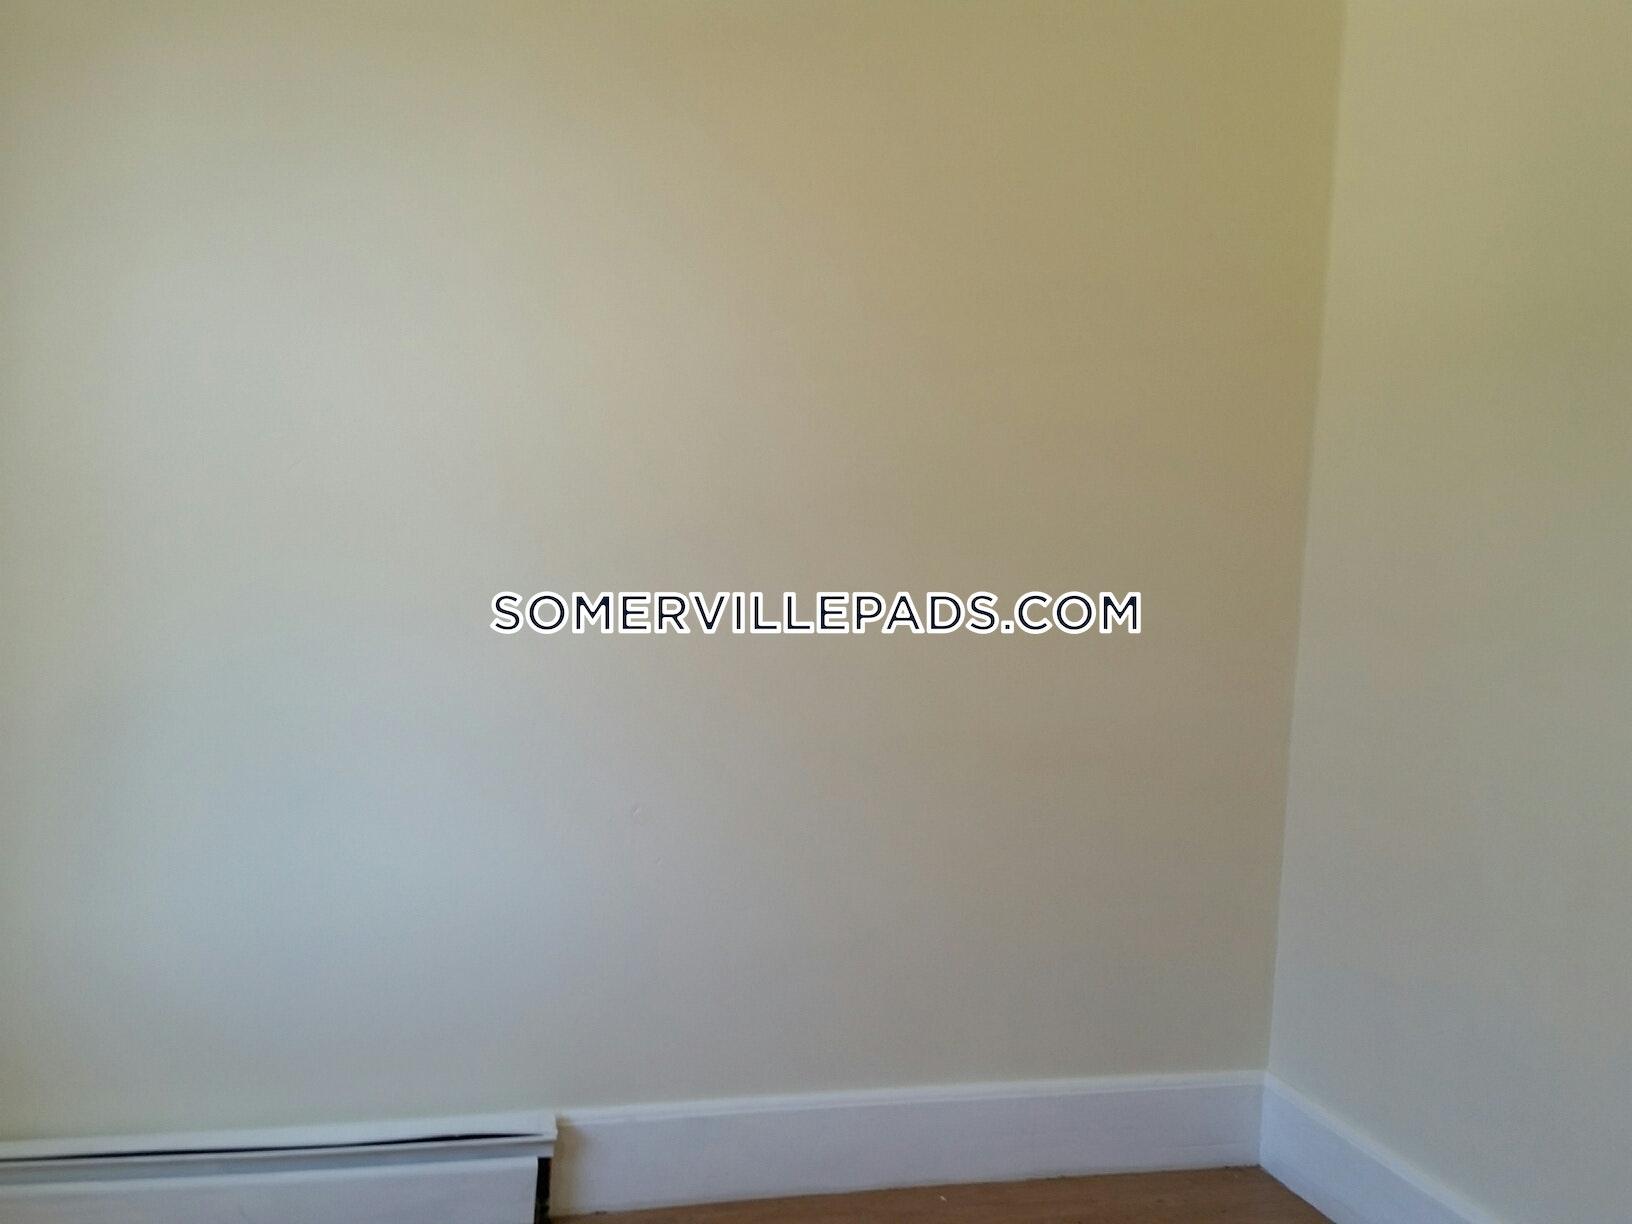 3-beds-1-bath-somerville-winter-hill-2500-448111